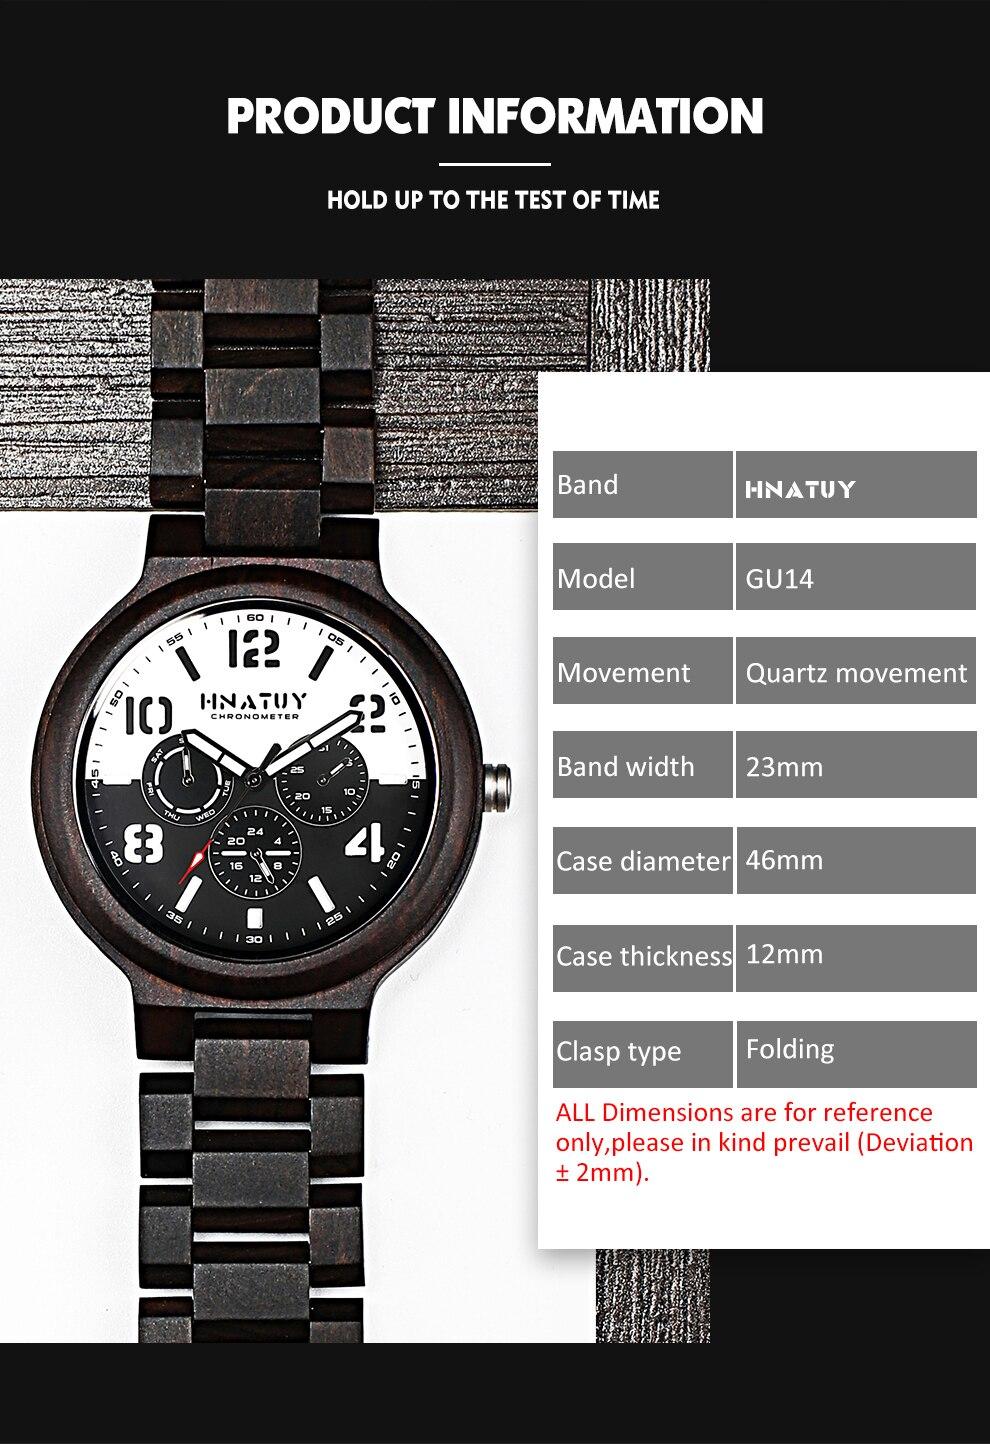 Hf88400bc793c4c3aacdf593cbe1e06e1a Hnatuy Wood Men's Watches Luminous Hands Business Watch